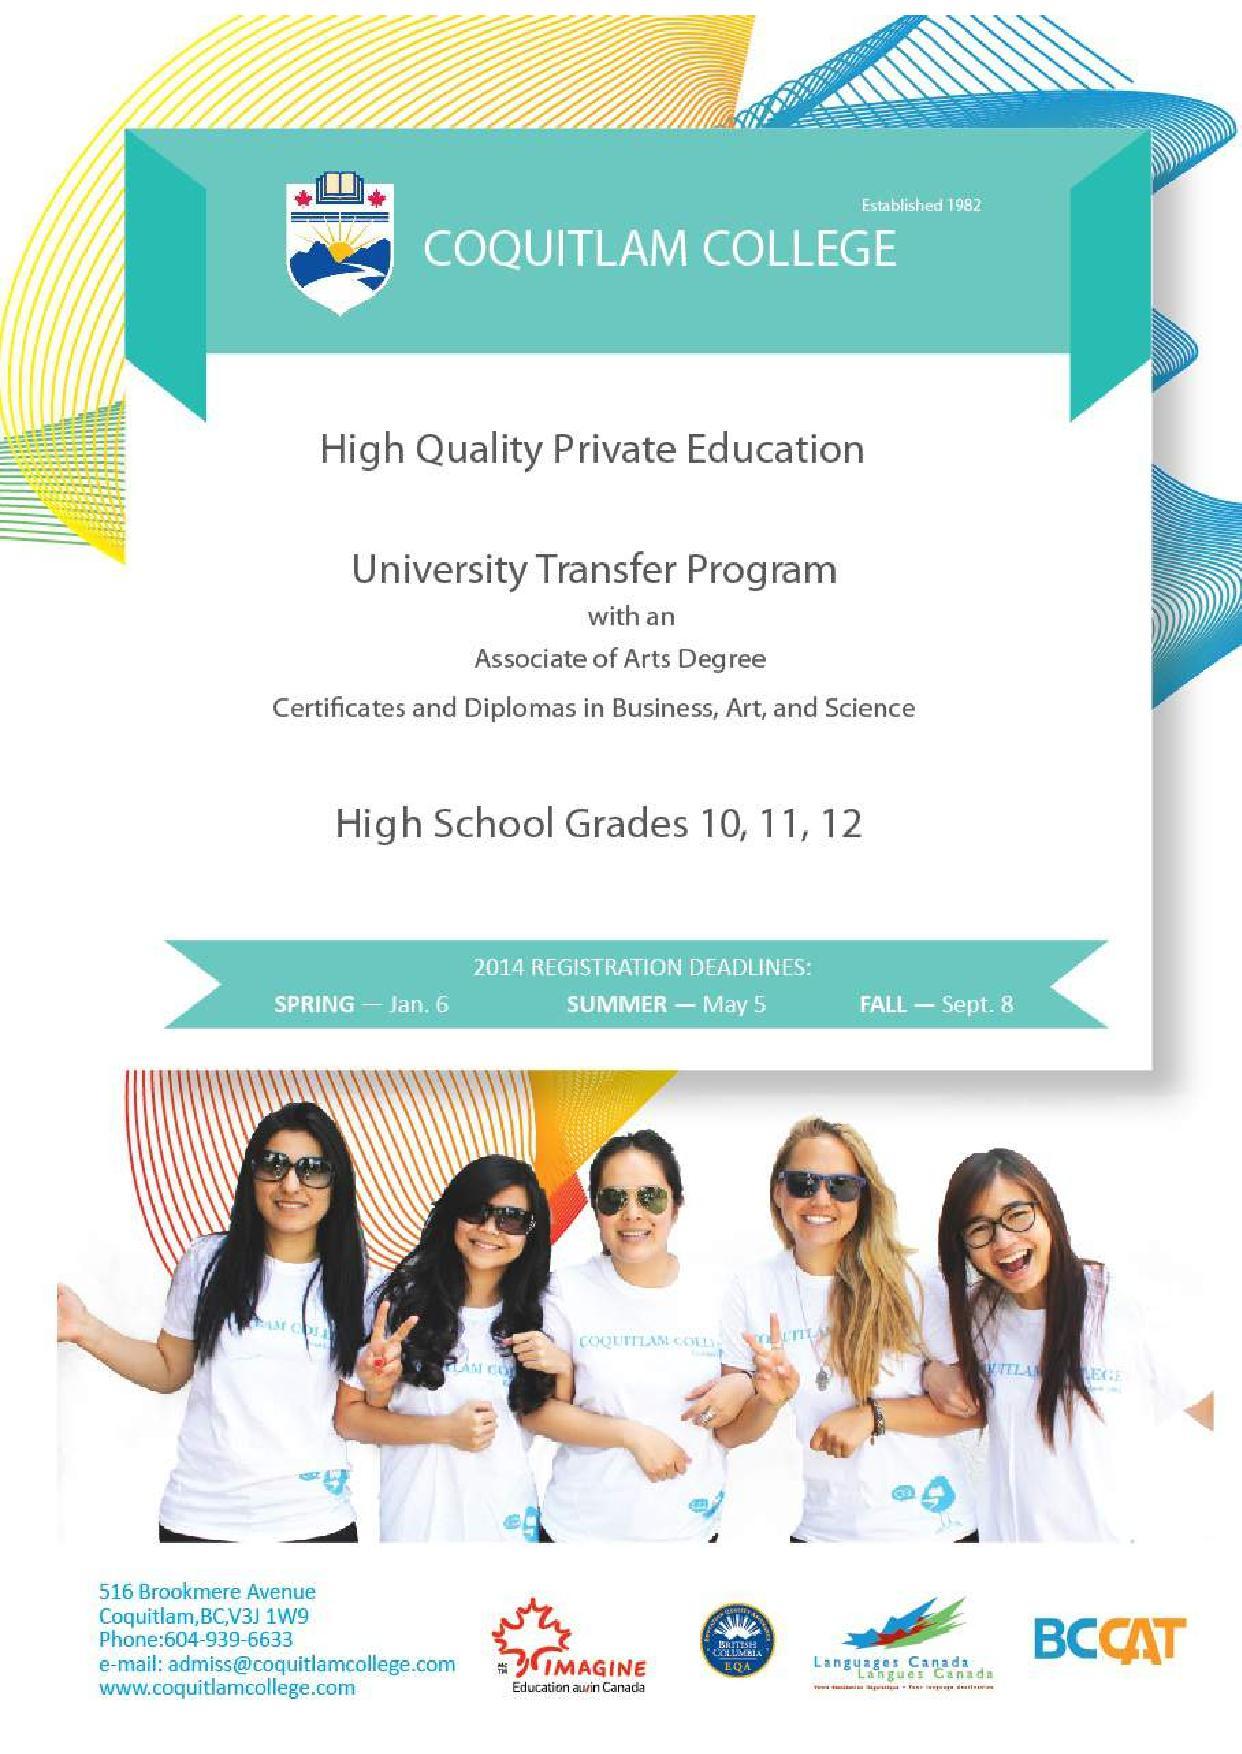 2014 加拿大教育指南 - 002